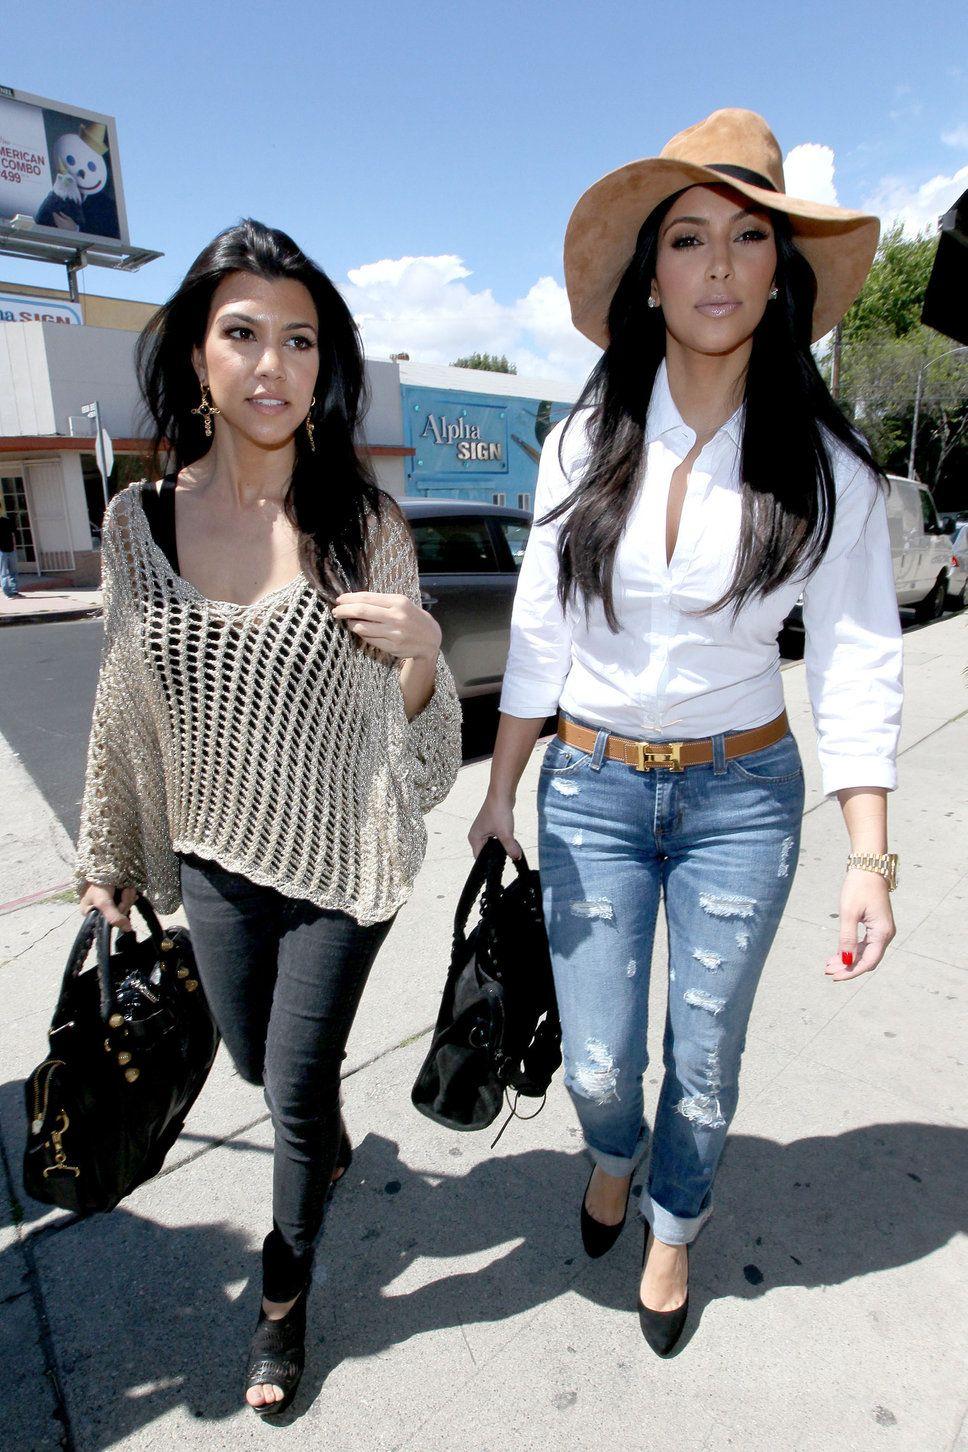 8a0fb6318e6 Kourtney Kardashian and Kim Kardashian sun hat white shirt ripped jeans  black jeans black pumps beige knit sweater paparazzi